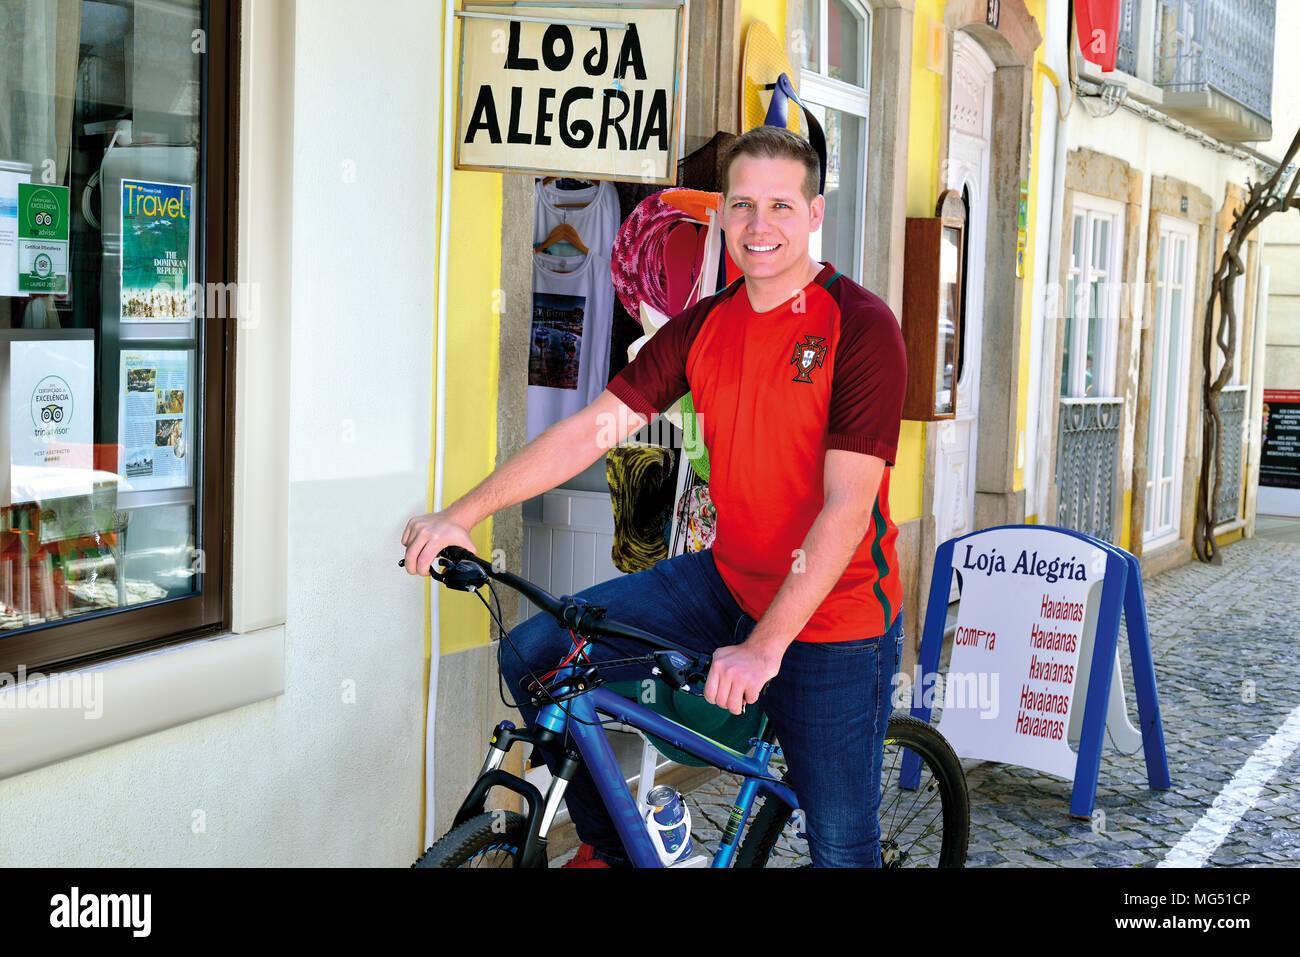 Bionda e giovane uomo portoghese con National Soccer team shirt seduto su una bicicletta e sorridente per la fotocamera Immagini Stock